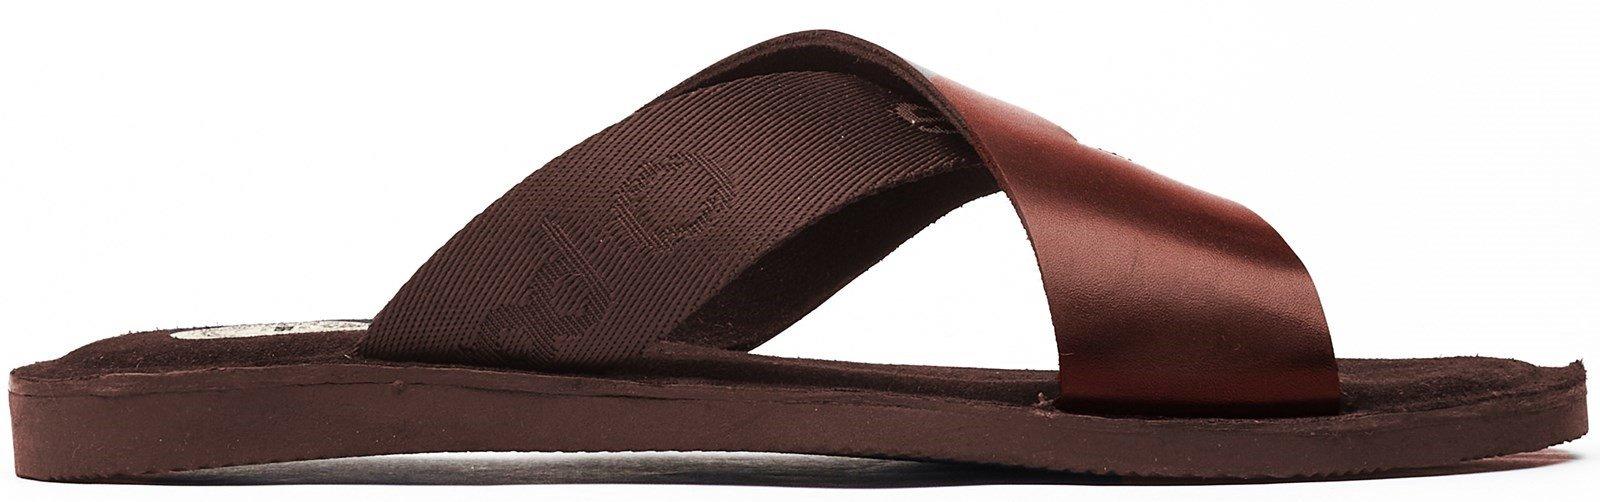 Base London Men's Miso Slip On Sandal Various Colours 32261 - Brown 7